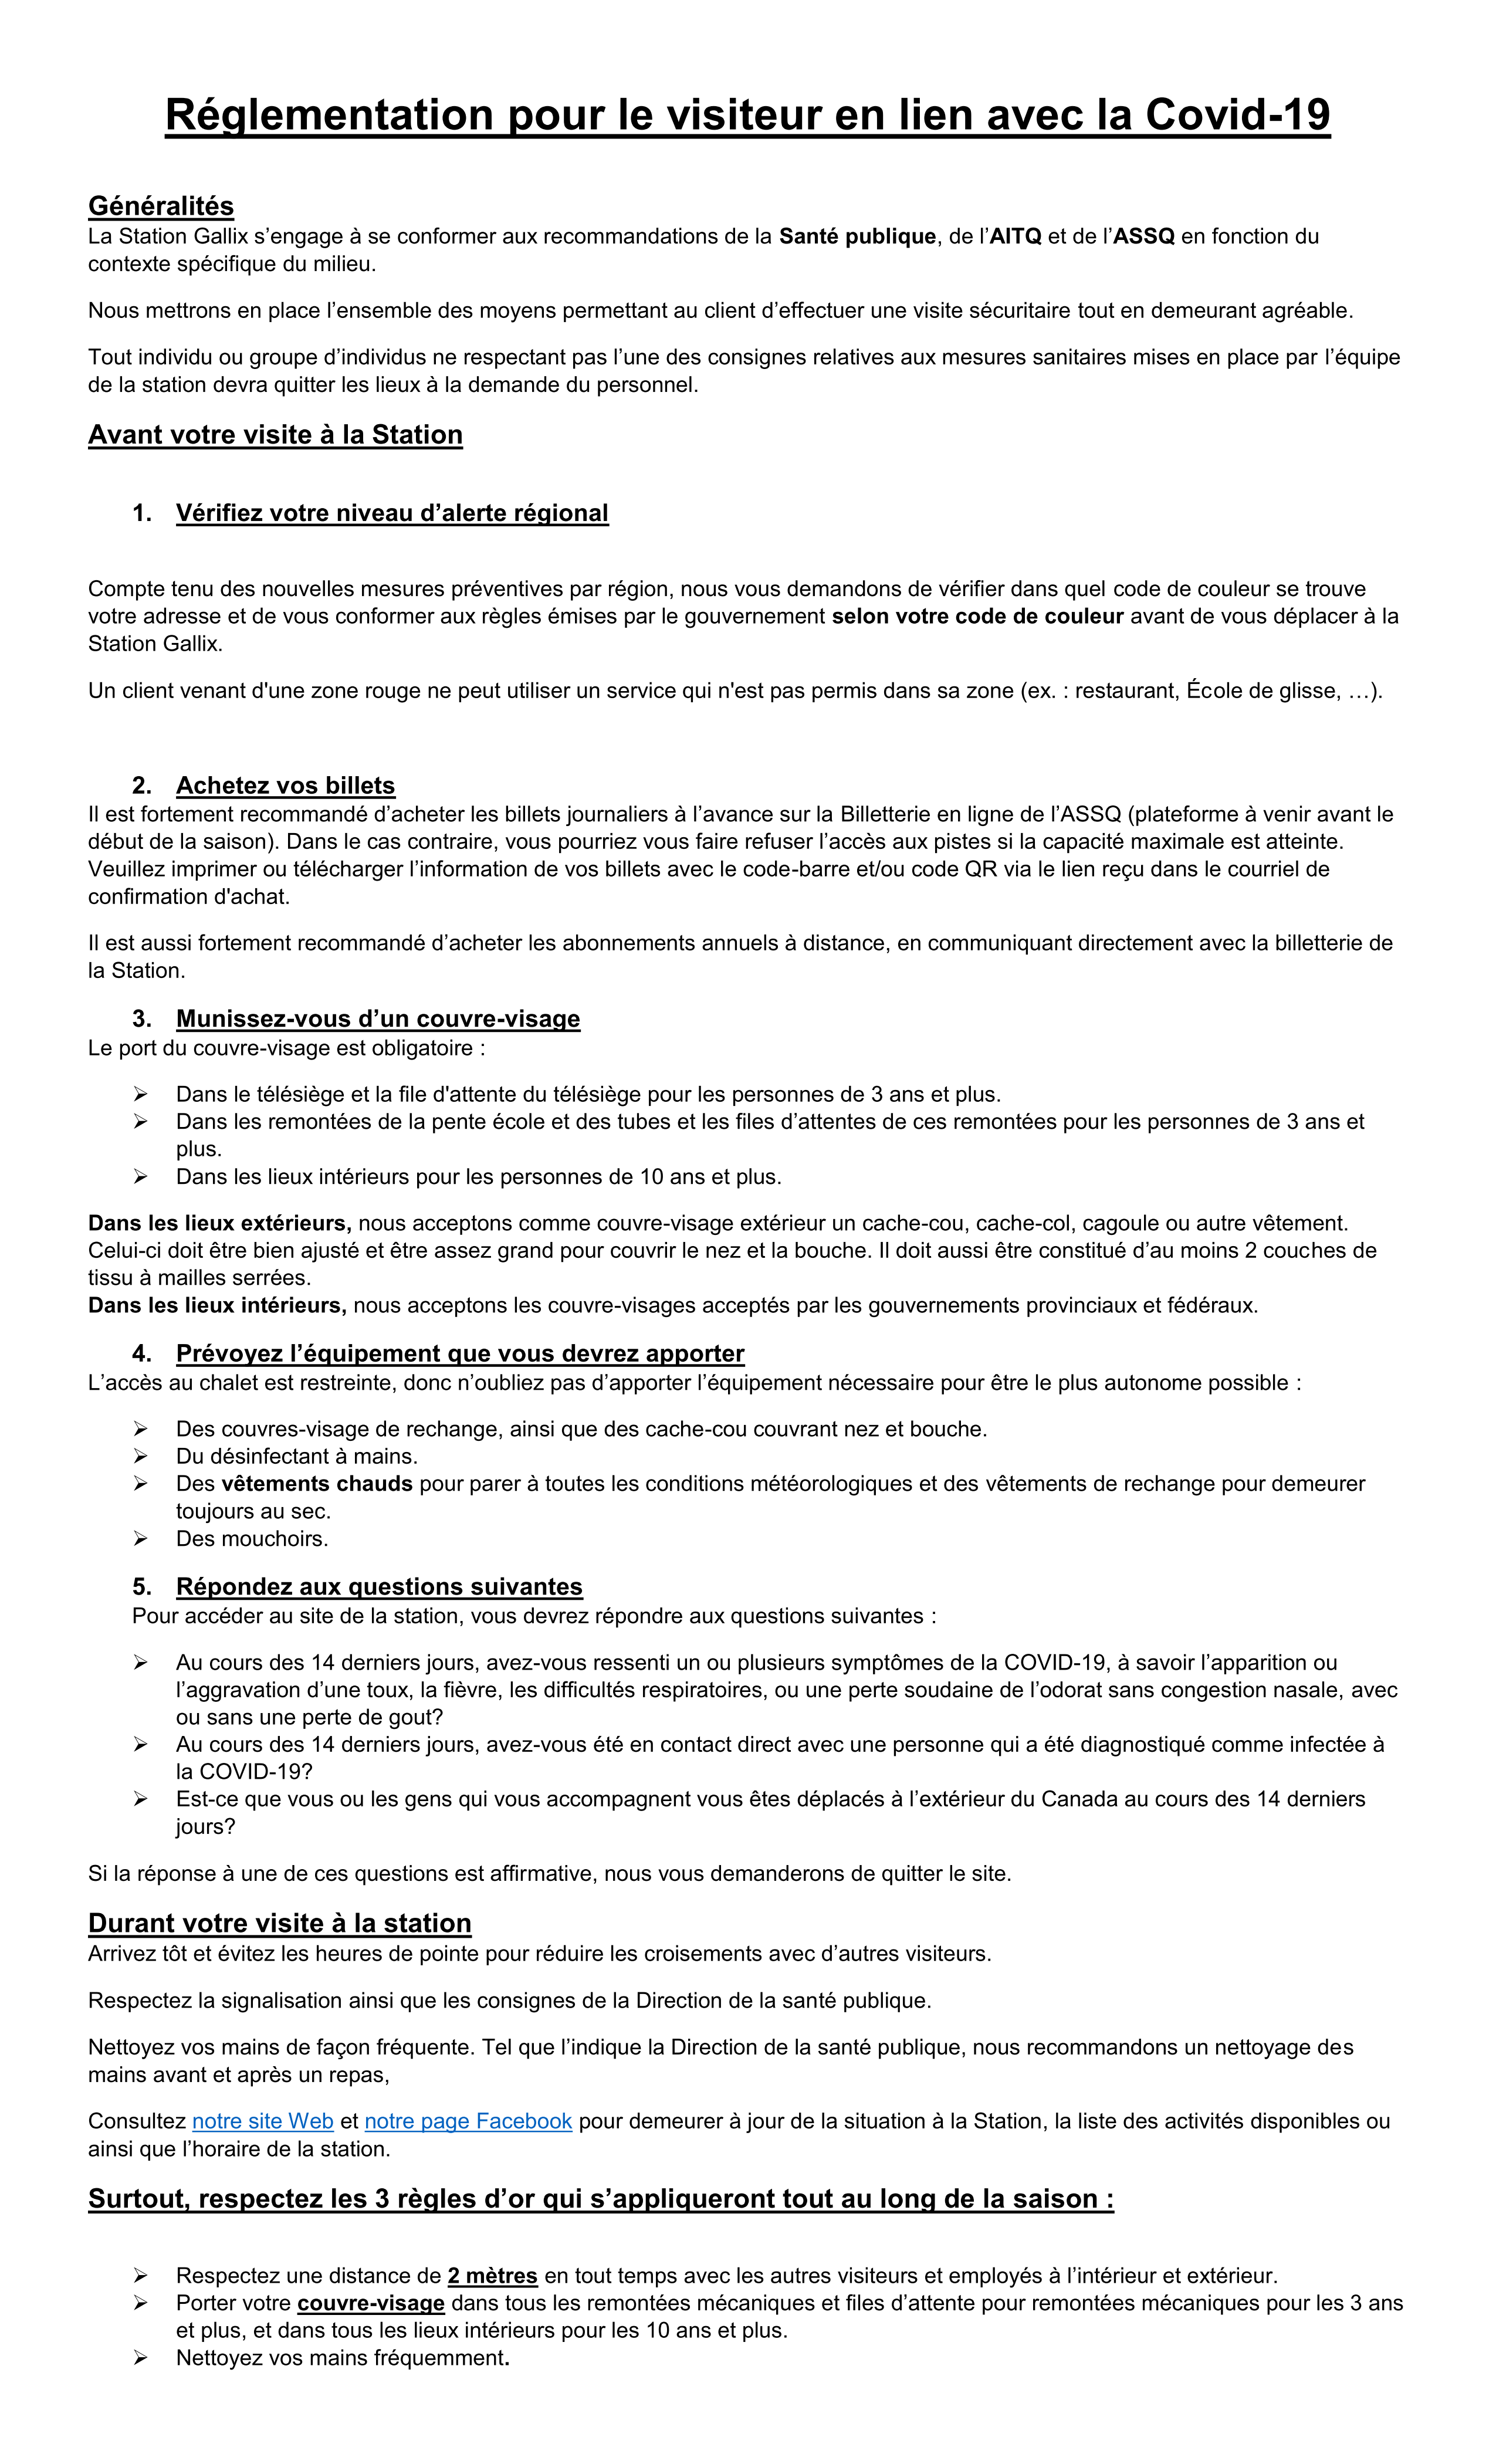 Réglementation pour le visiteur en lien avec la pandémie de Covid-19_02